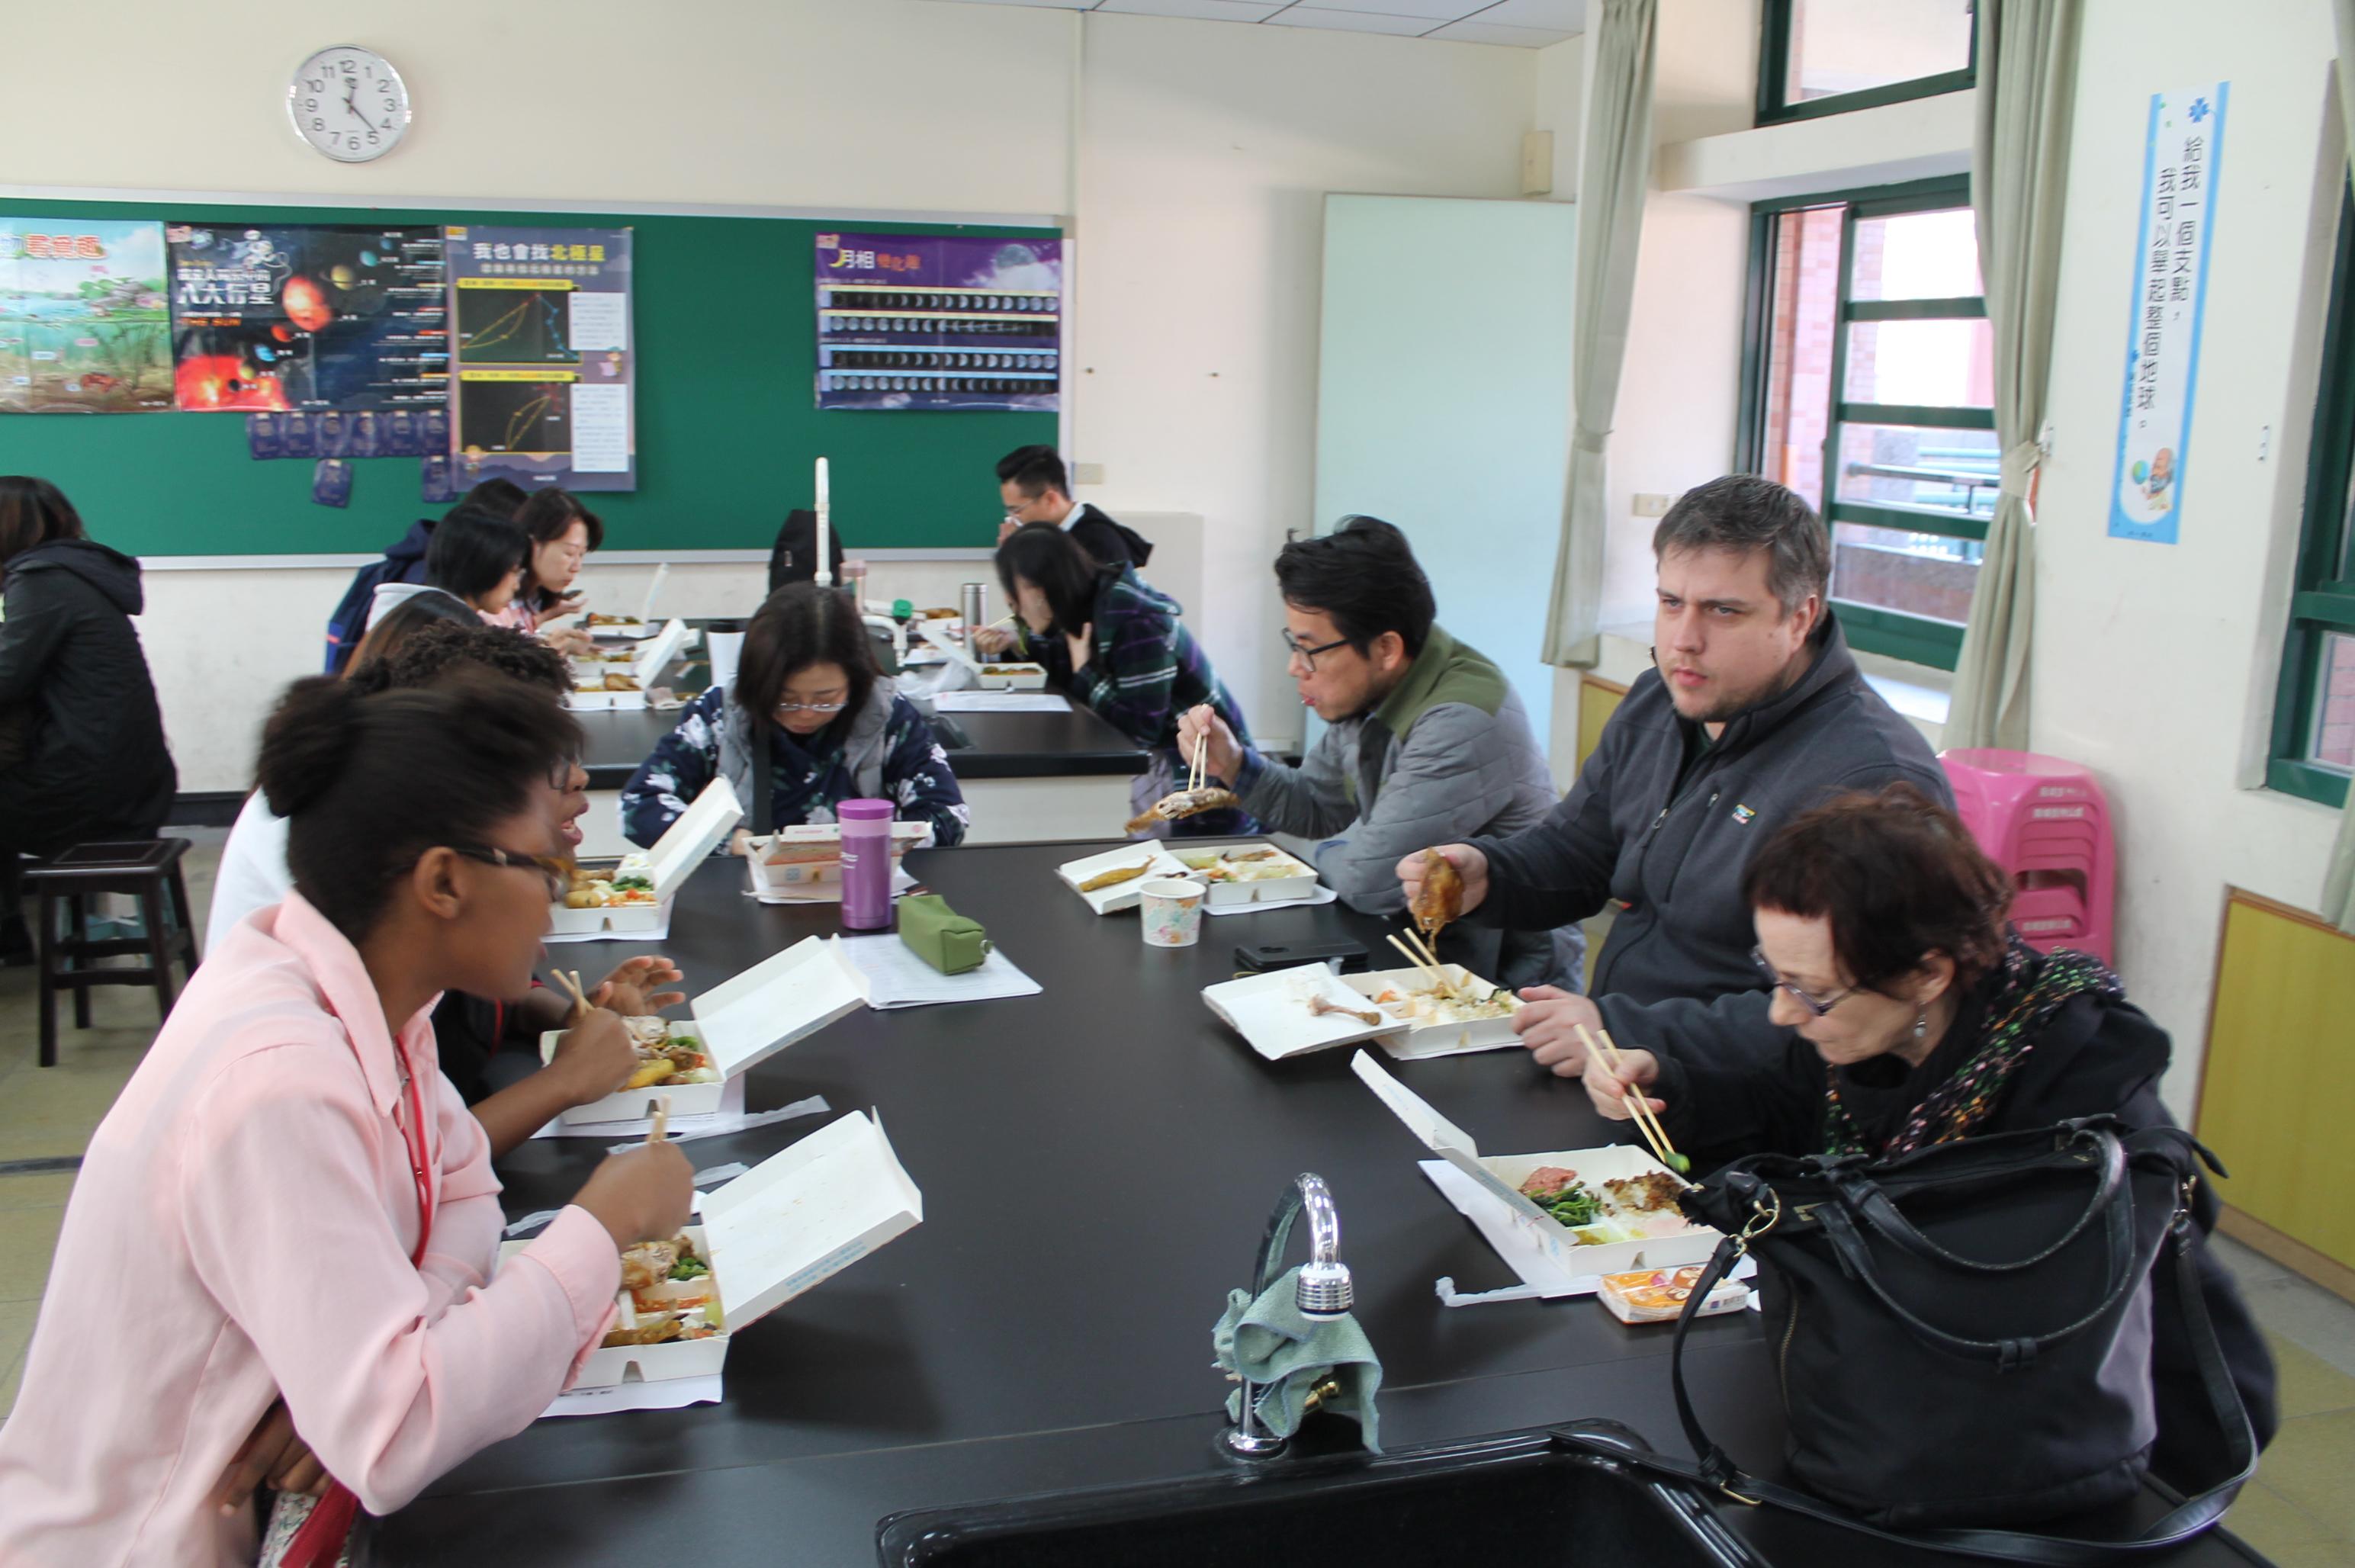 1071218 外師師訓與餐敘 - 午餐 2.JPG